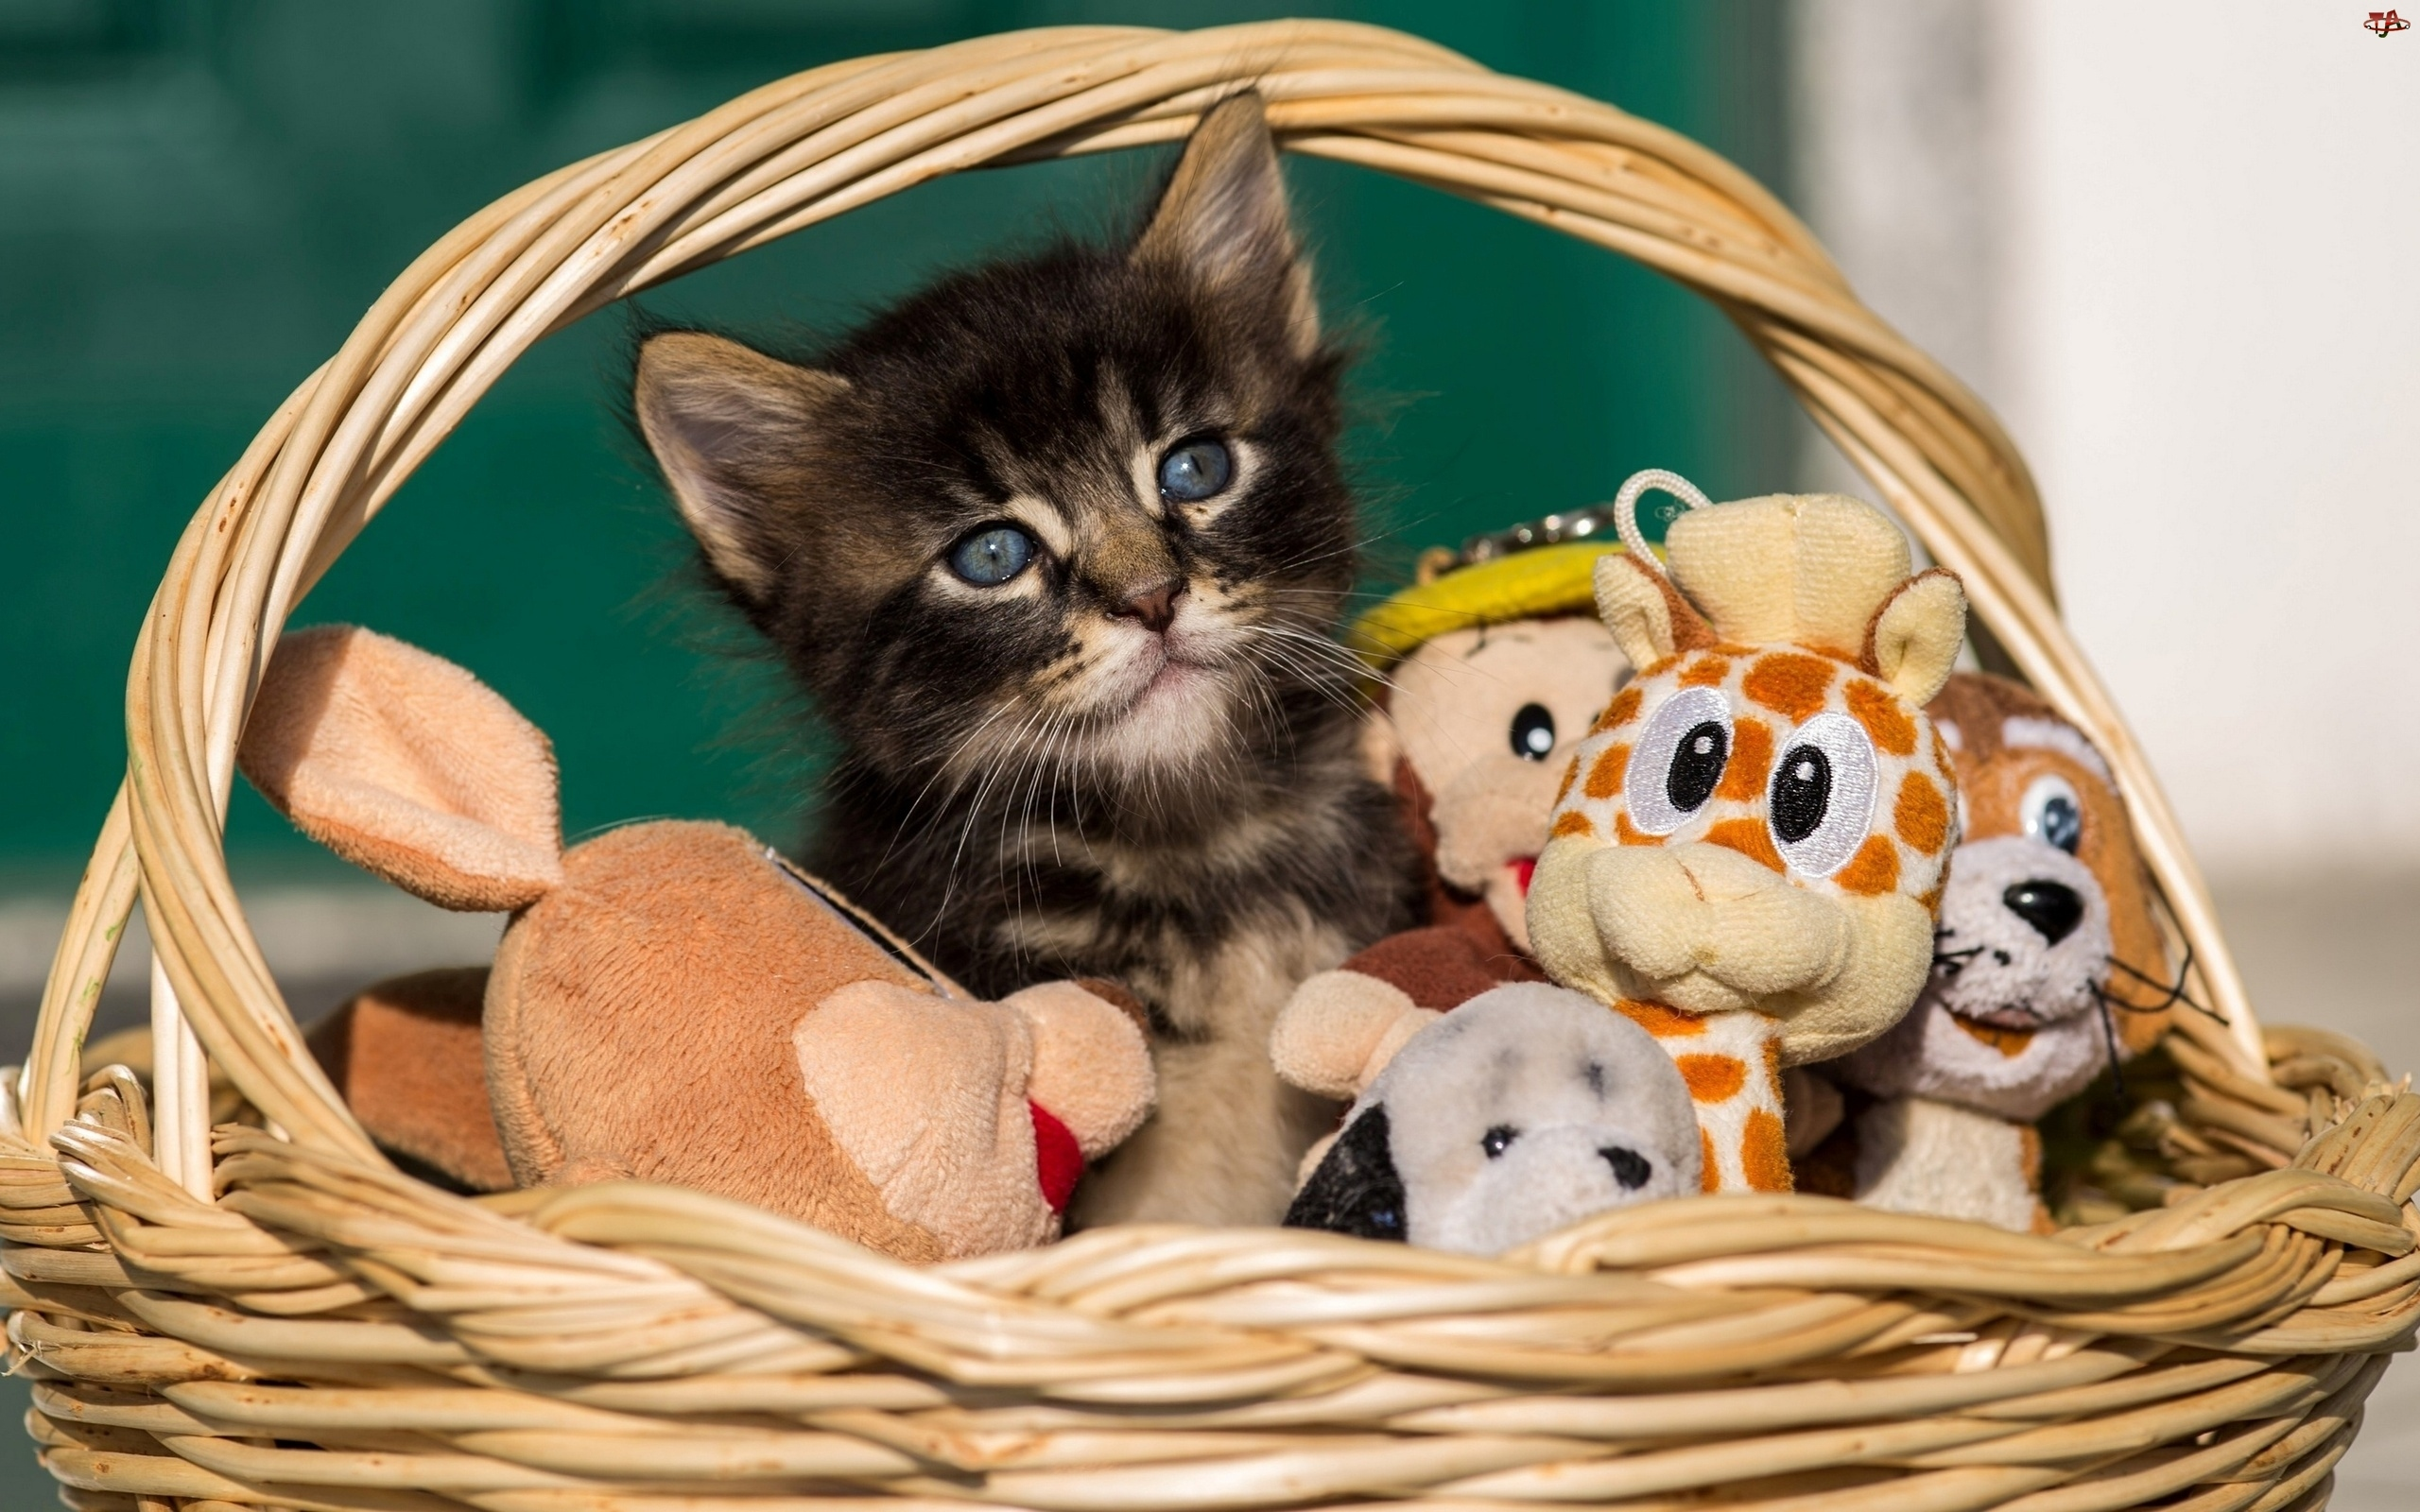 Zabawki, Mały, Kotek, Słodki, Koszyk